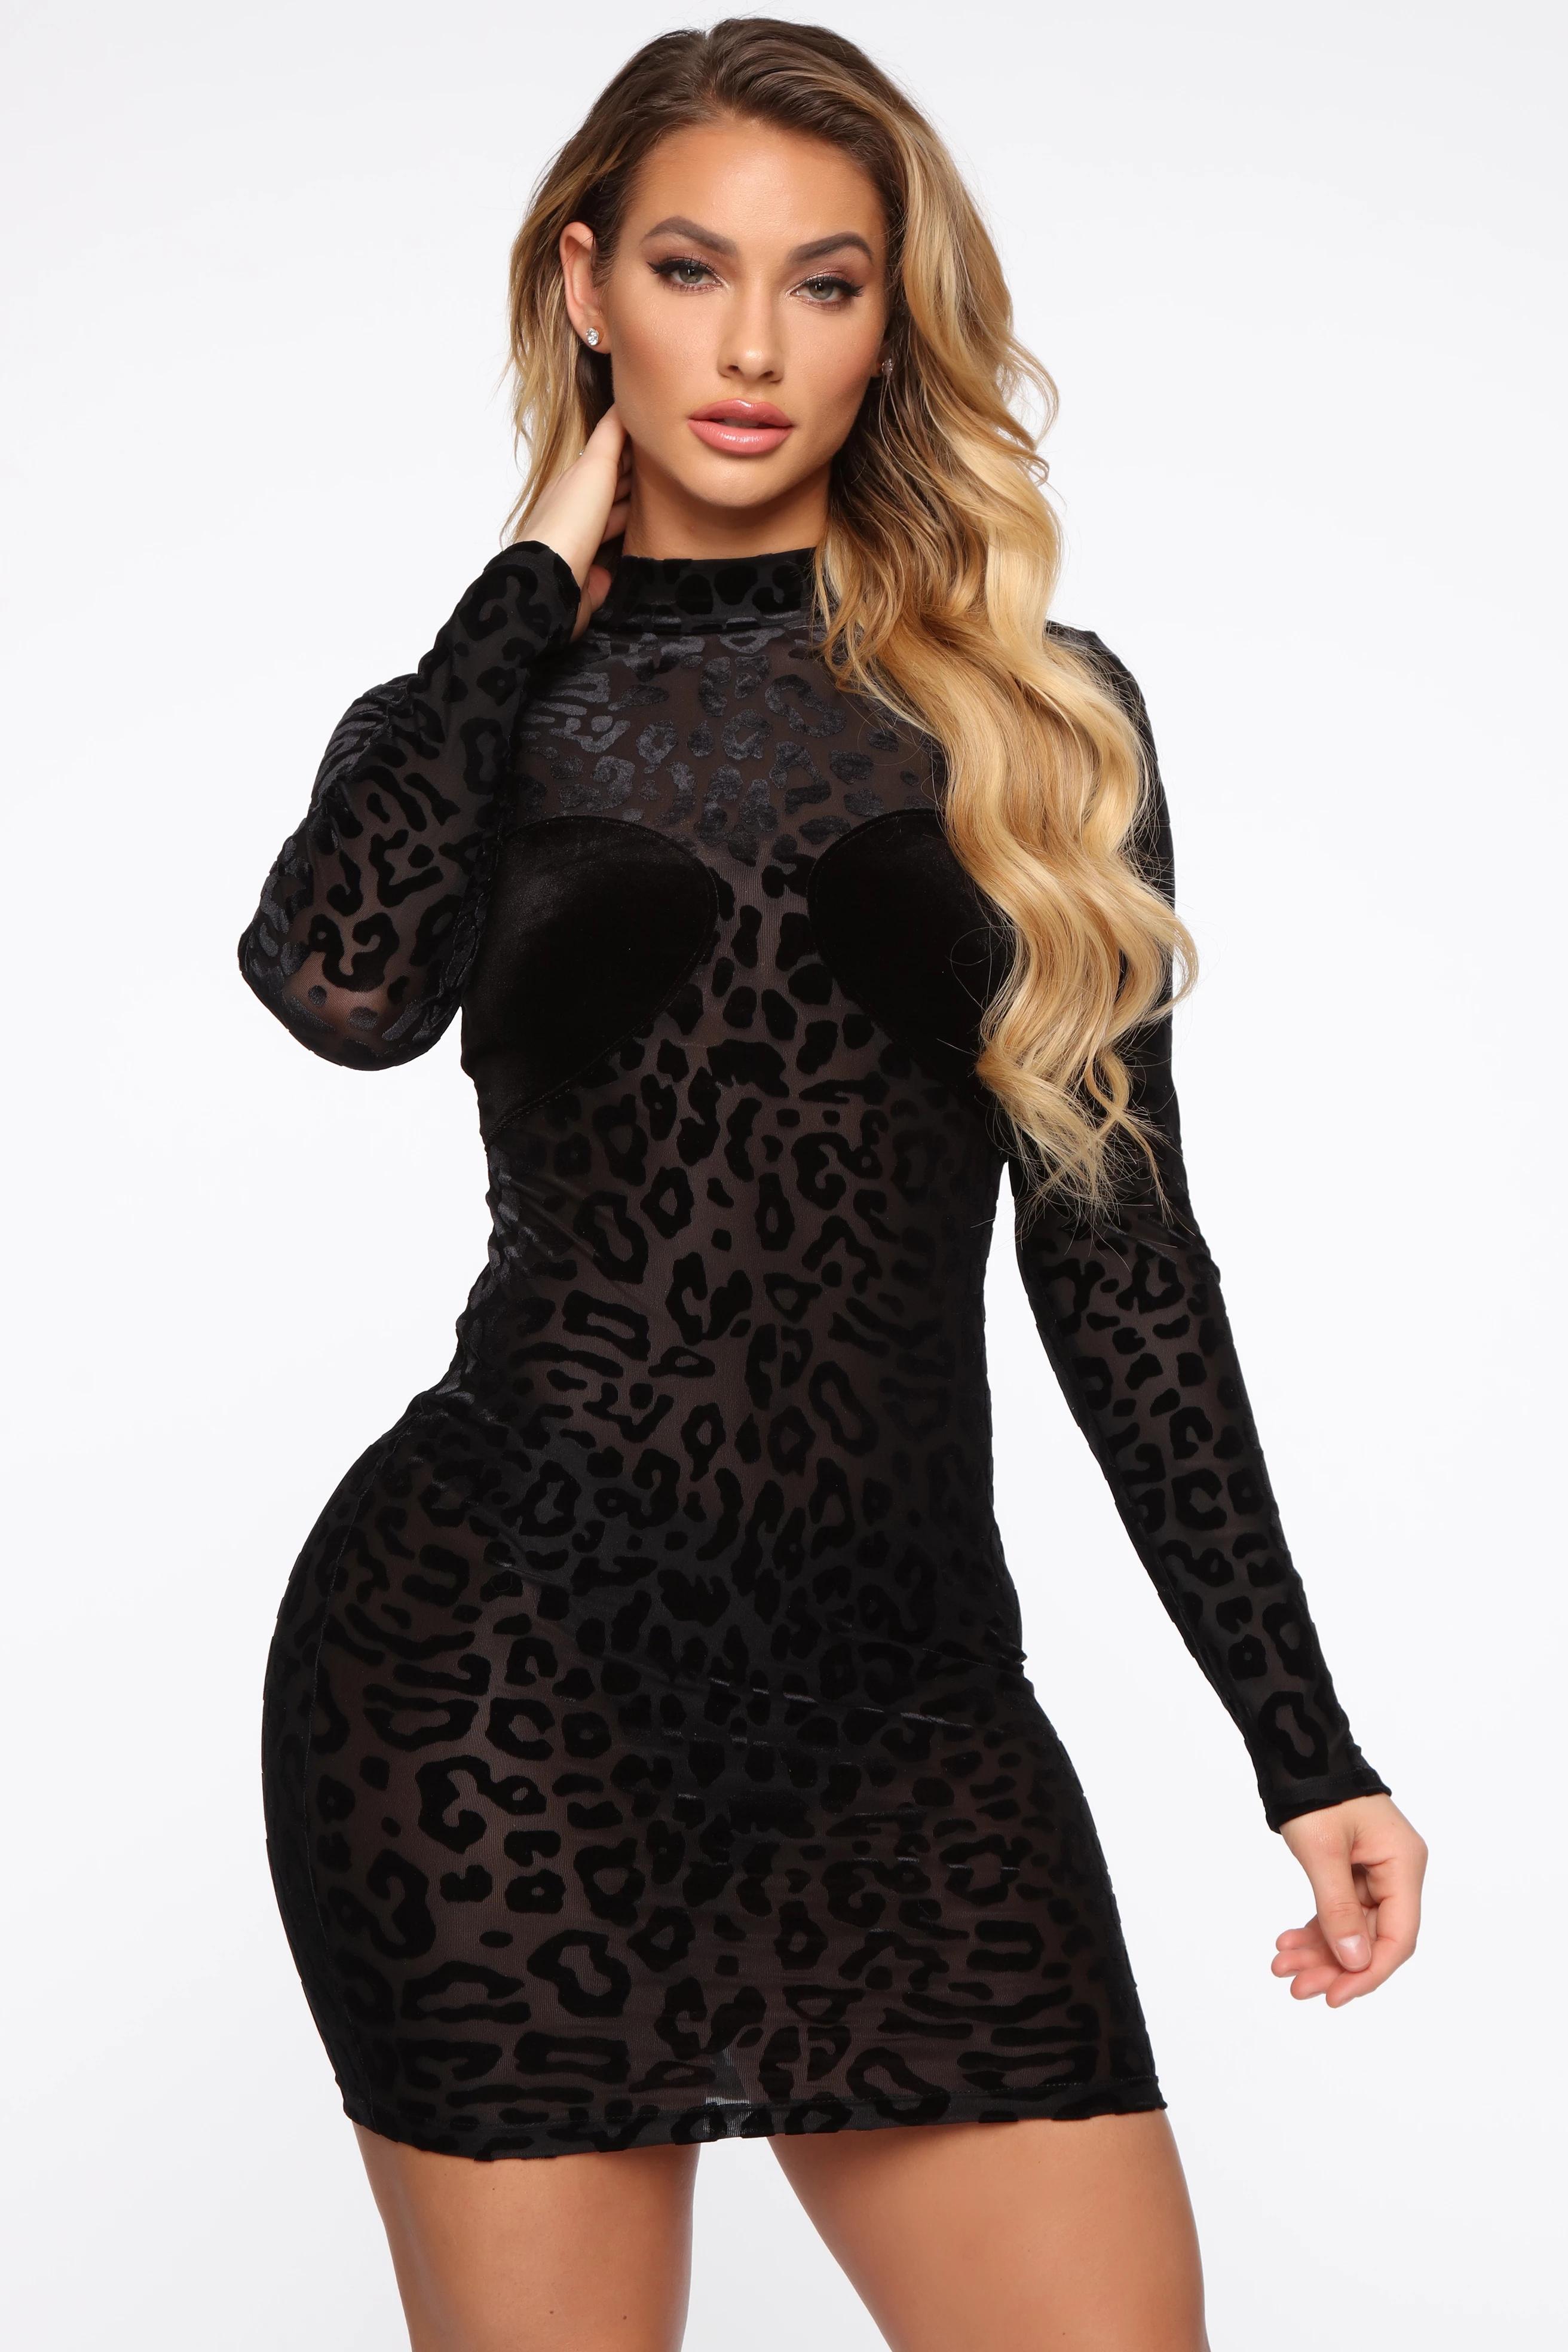 ML22775 Sexy Women O-neck Long Sleeve Bodycon Party Dress